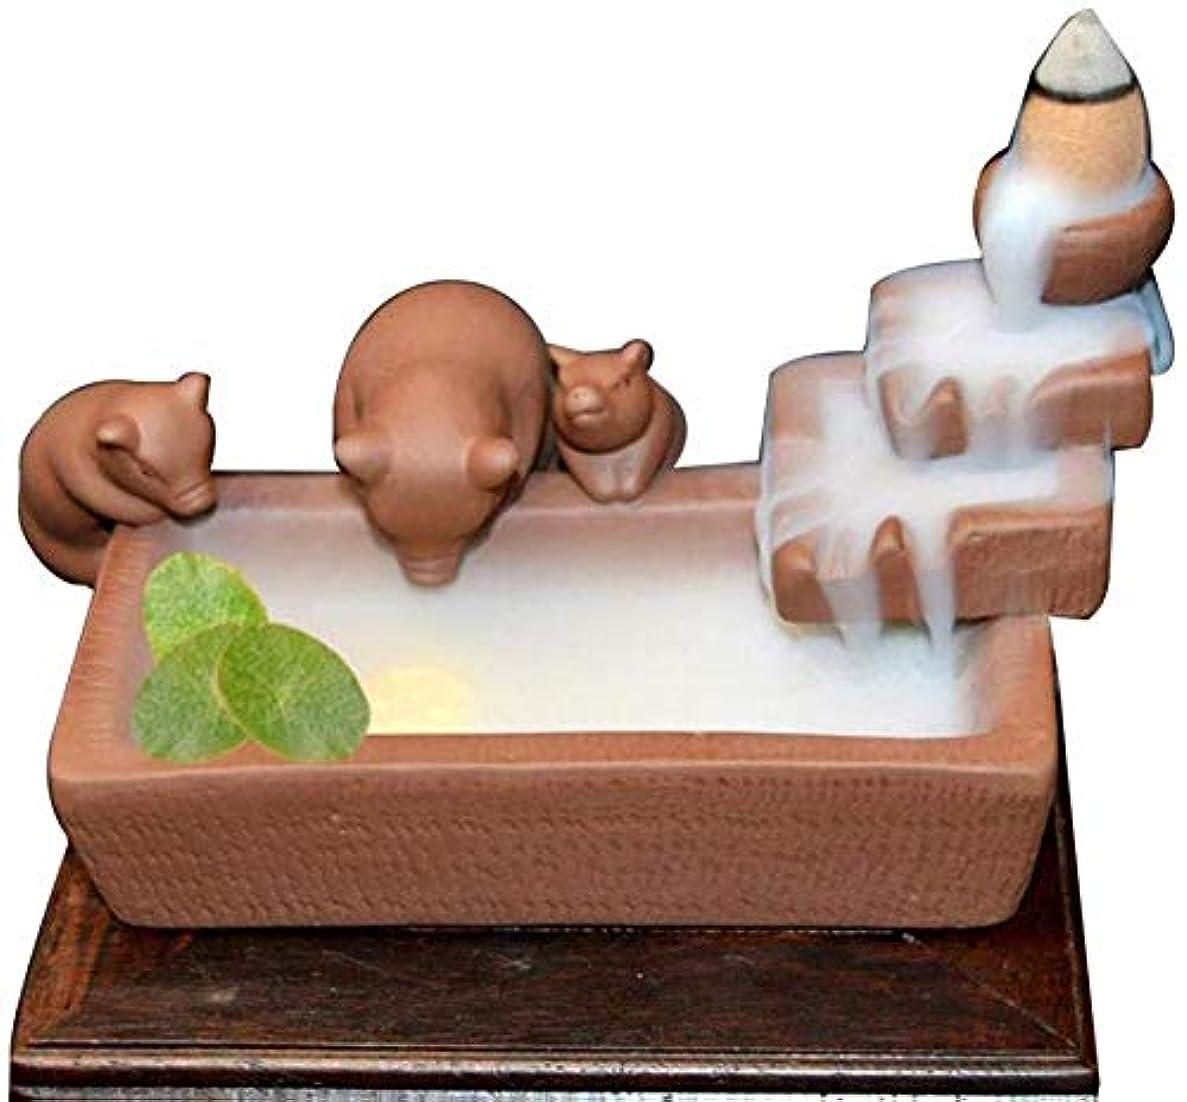 持続的家庭教師ふざけた逆流香ホルダーセラミック香コーンバーナー香スティックホルダー-3かわいい豚